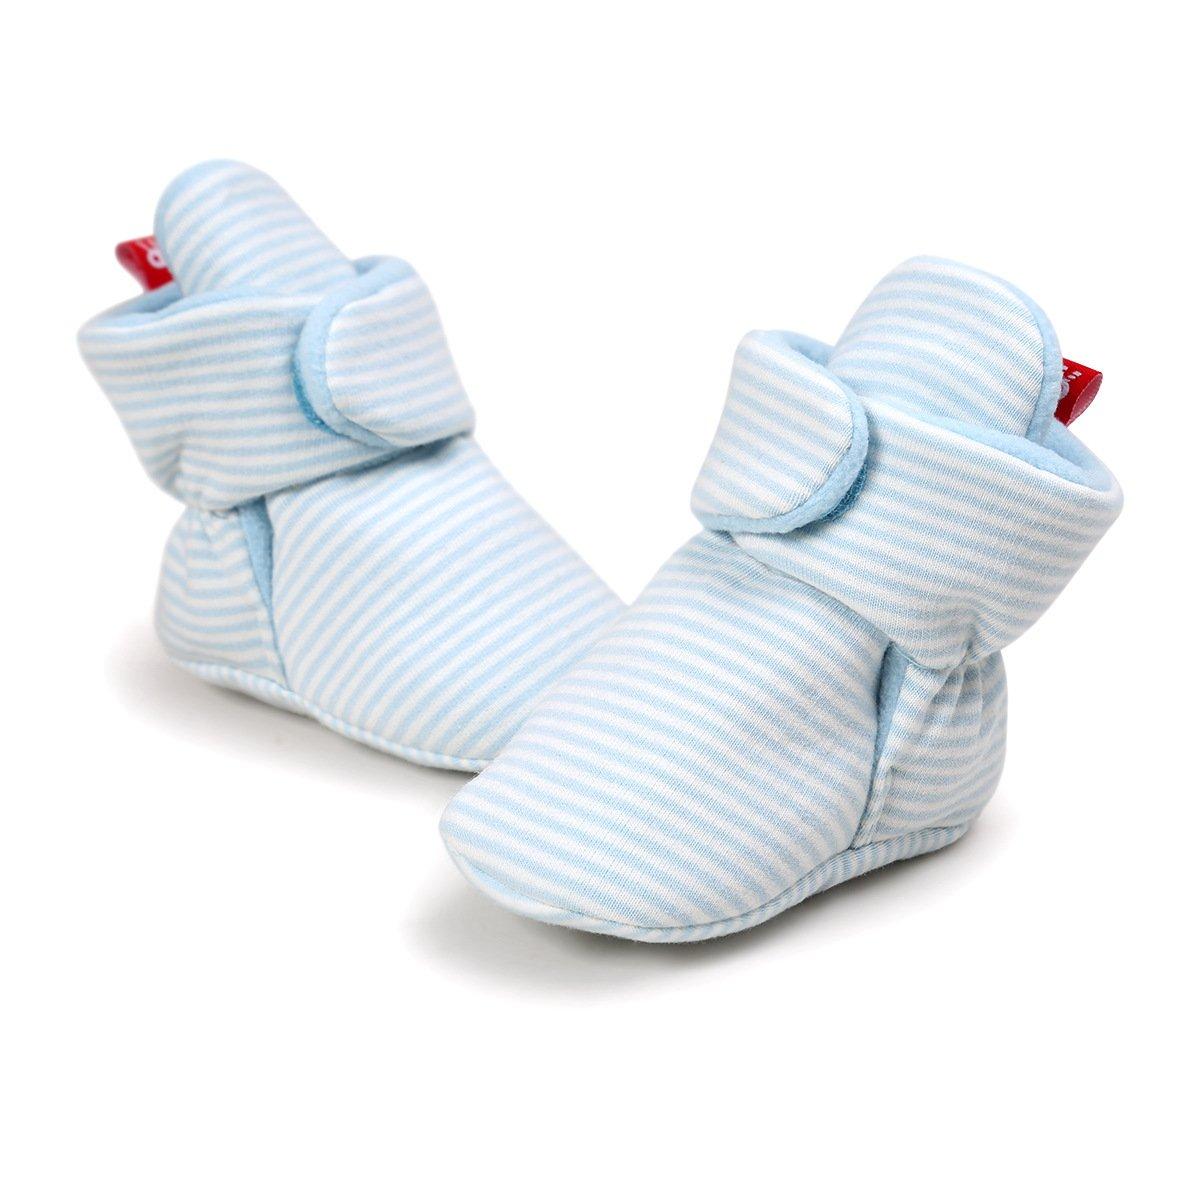 Adorel Patucos Zapatillas Invierno para Beb/é Reci/én Nacido